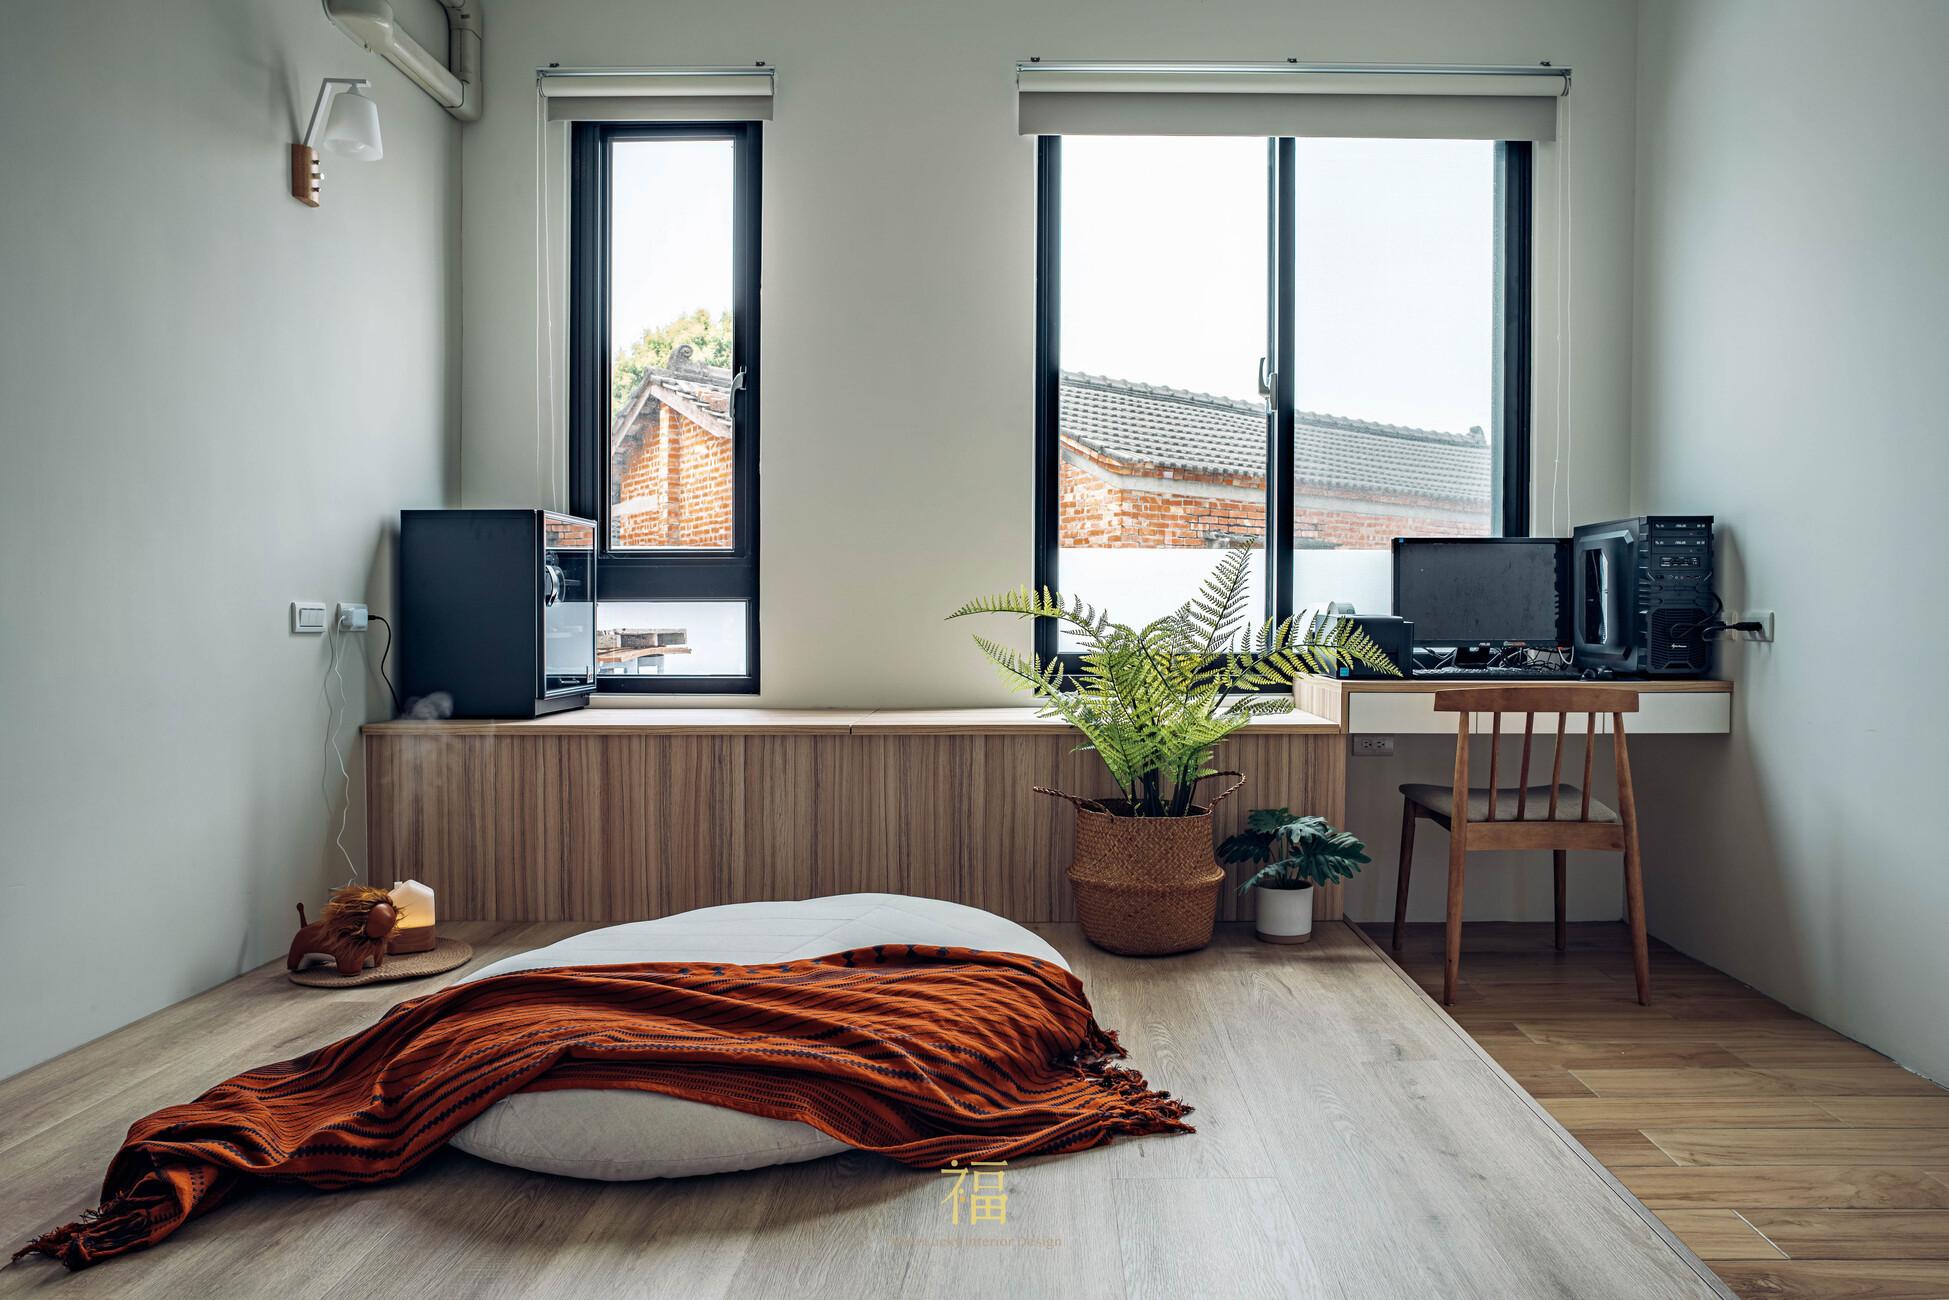 溪口盧宅|客房書房擺飾|嘉義住宅空間設計